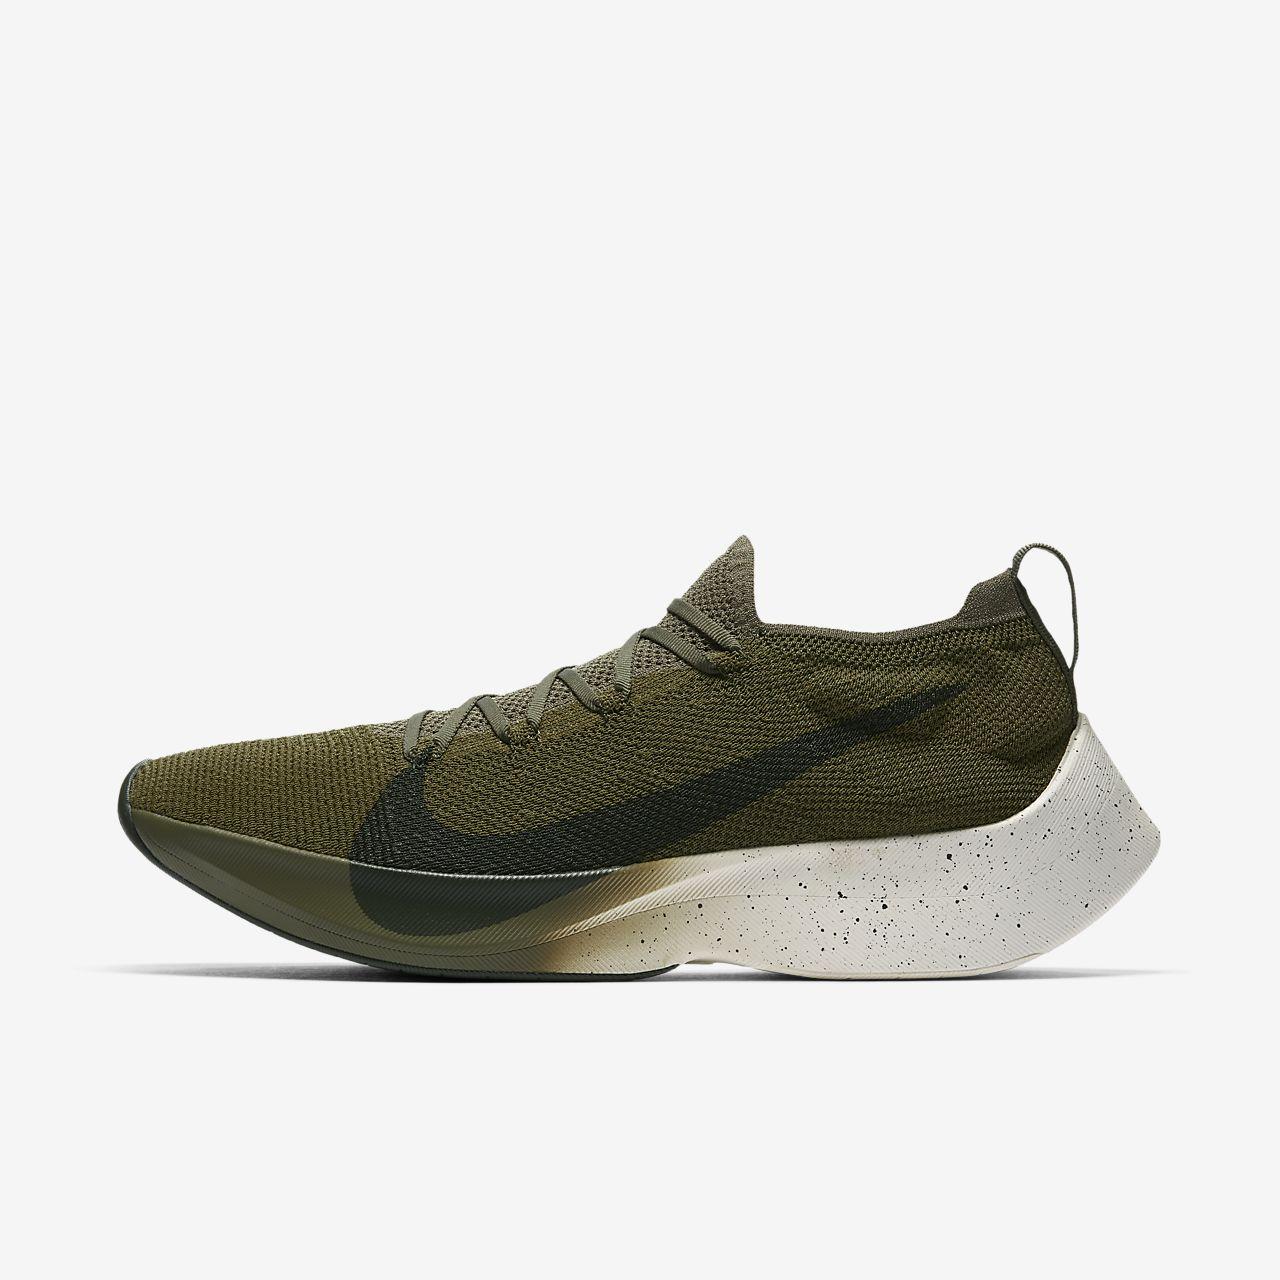 10004c6c8d58 Nike React Vapor Street Flyknit Men s Shoe. Nike.com NO